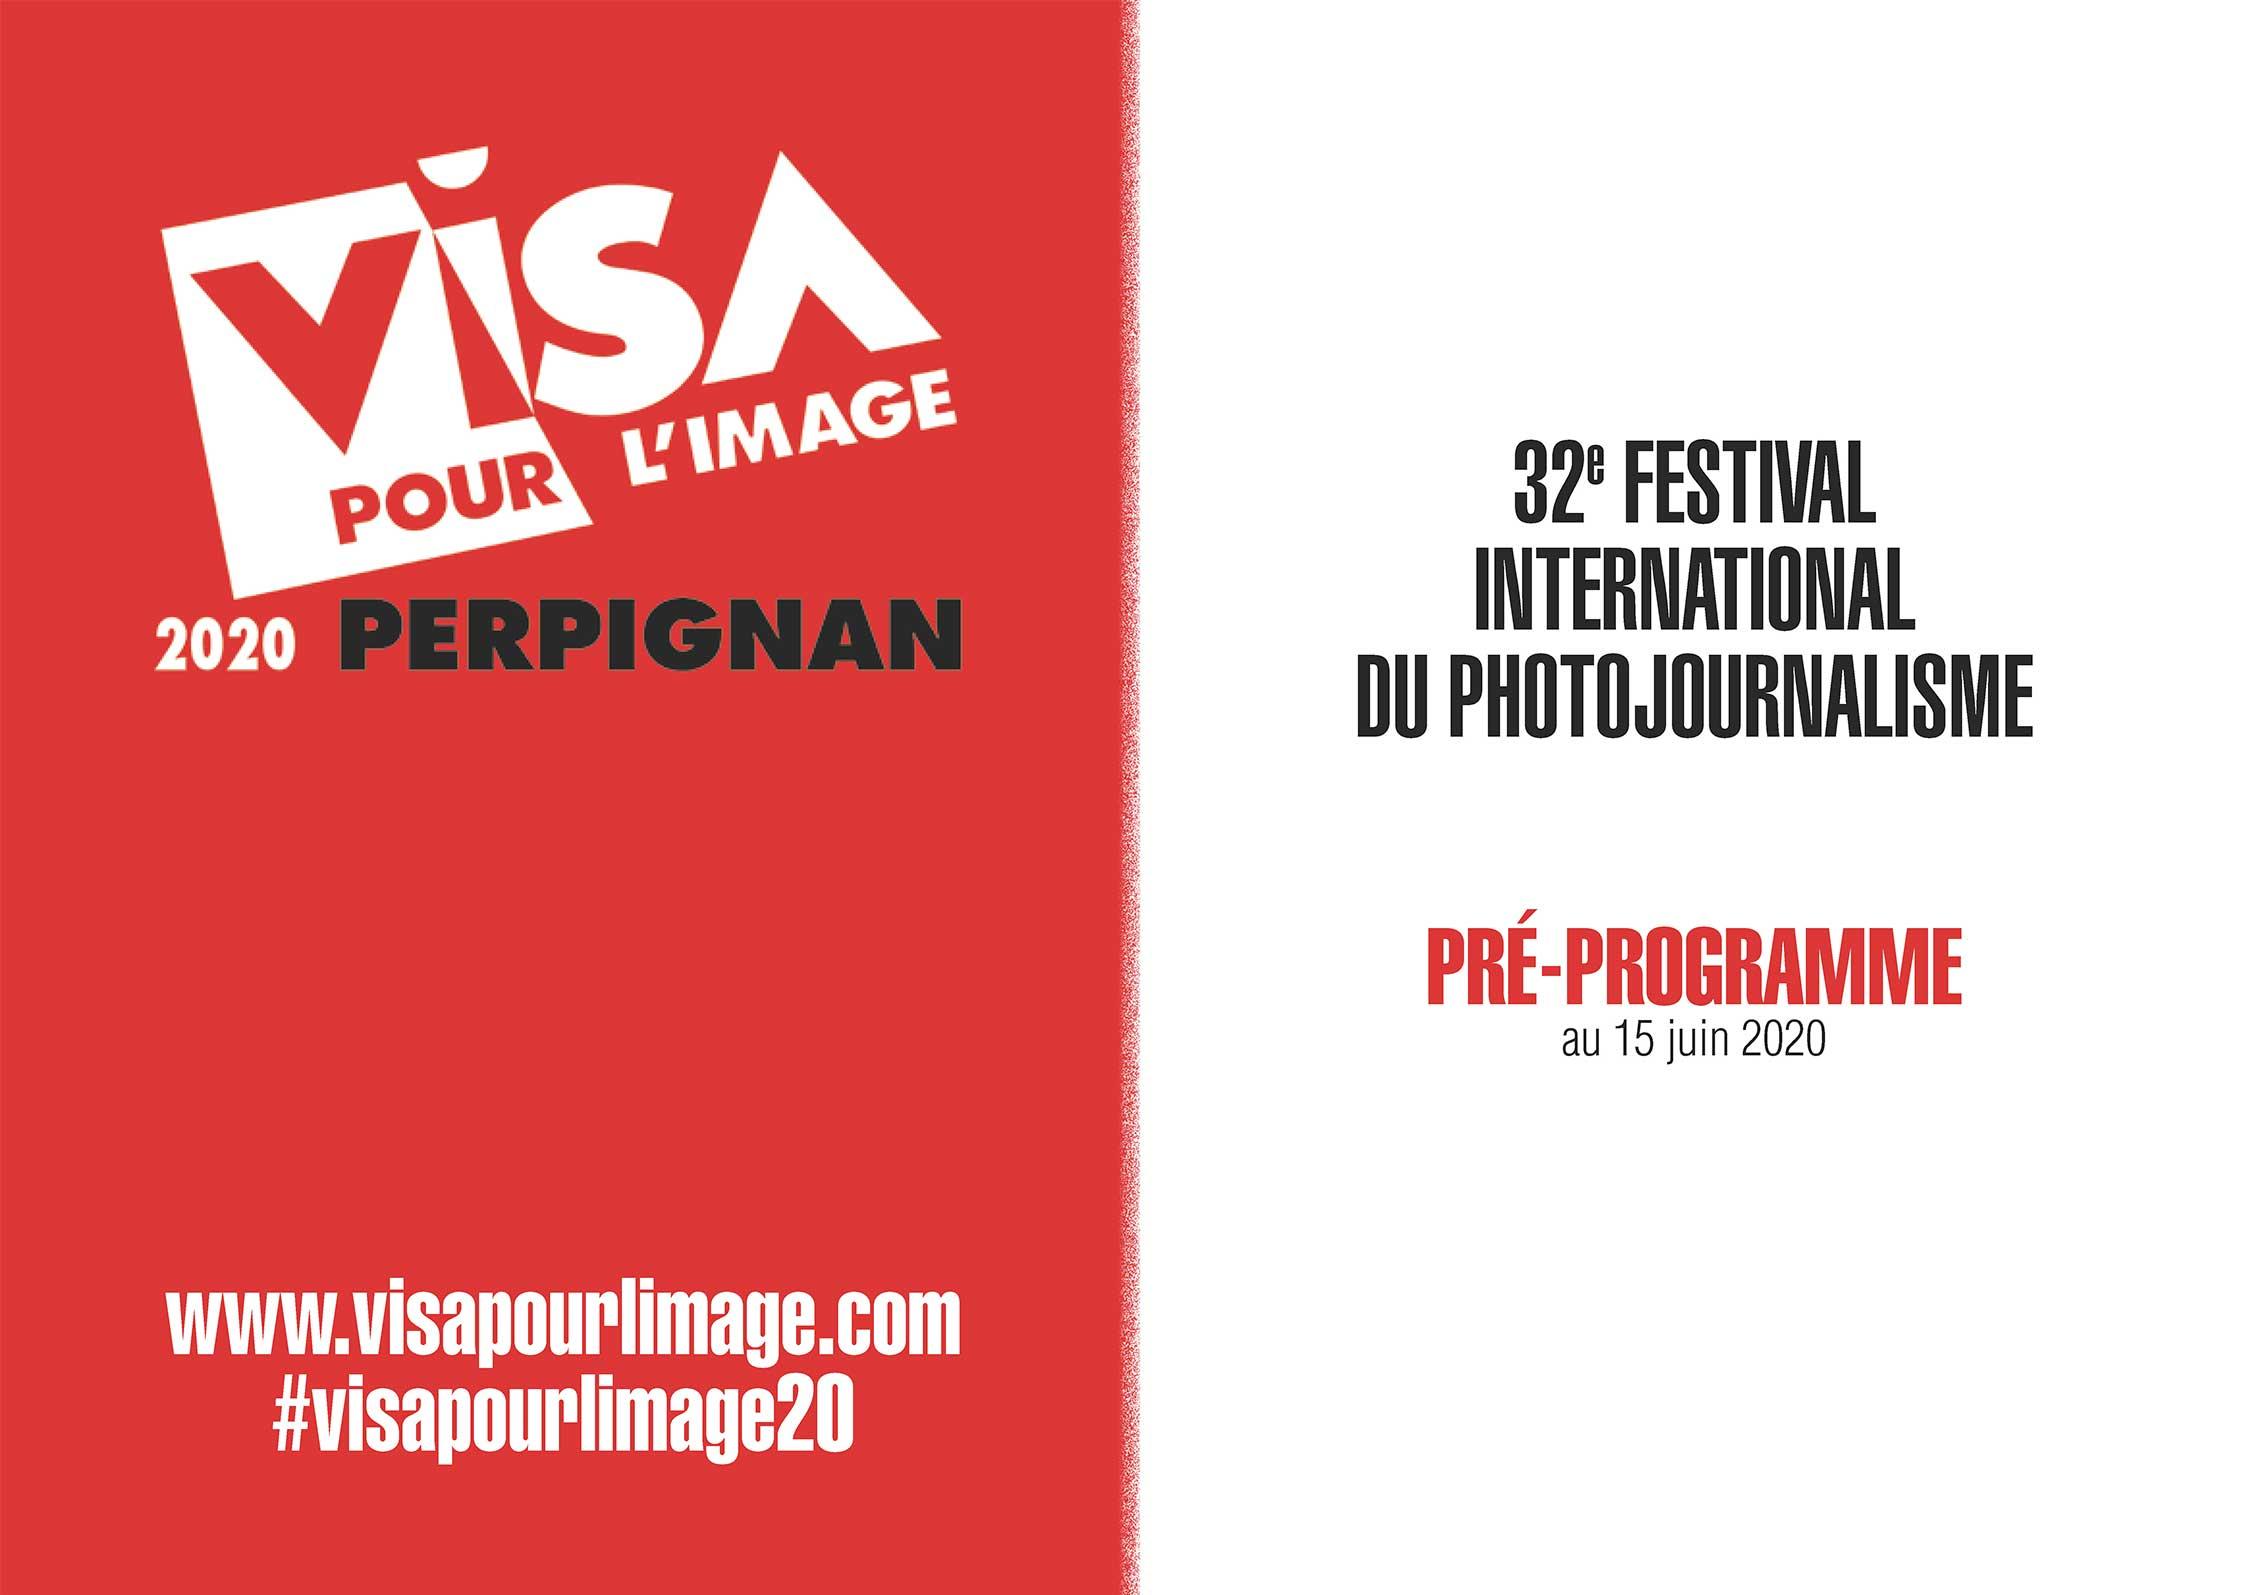 visa pour l'image 2020